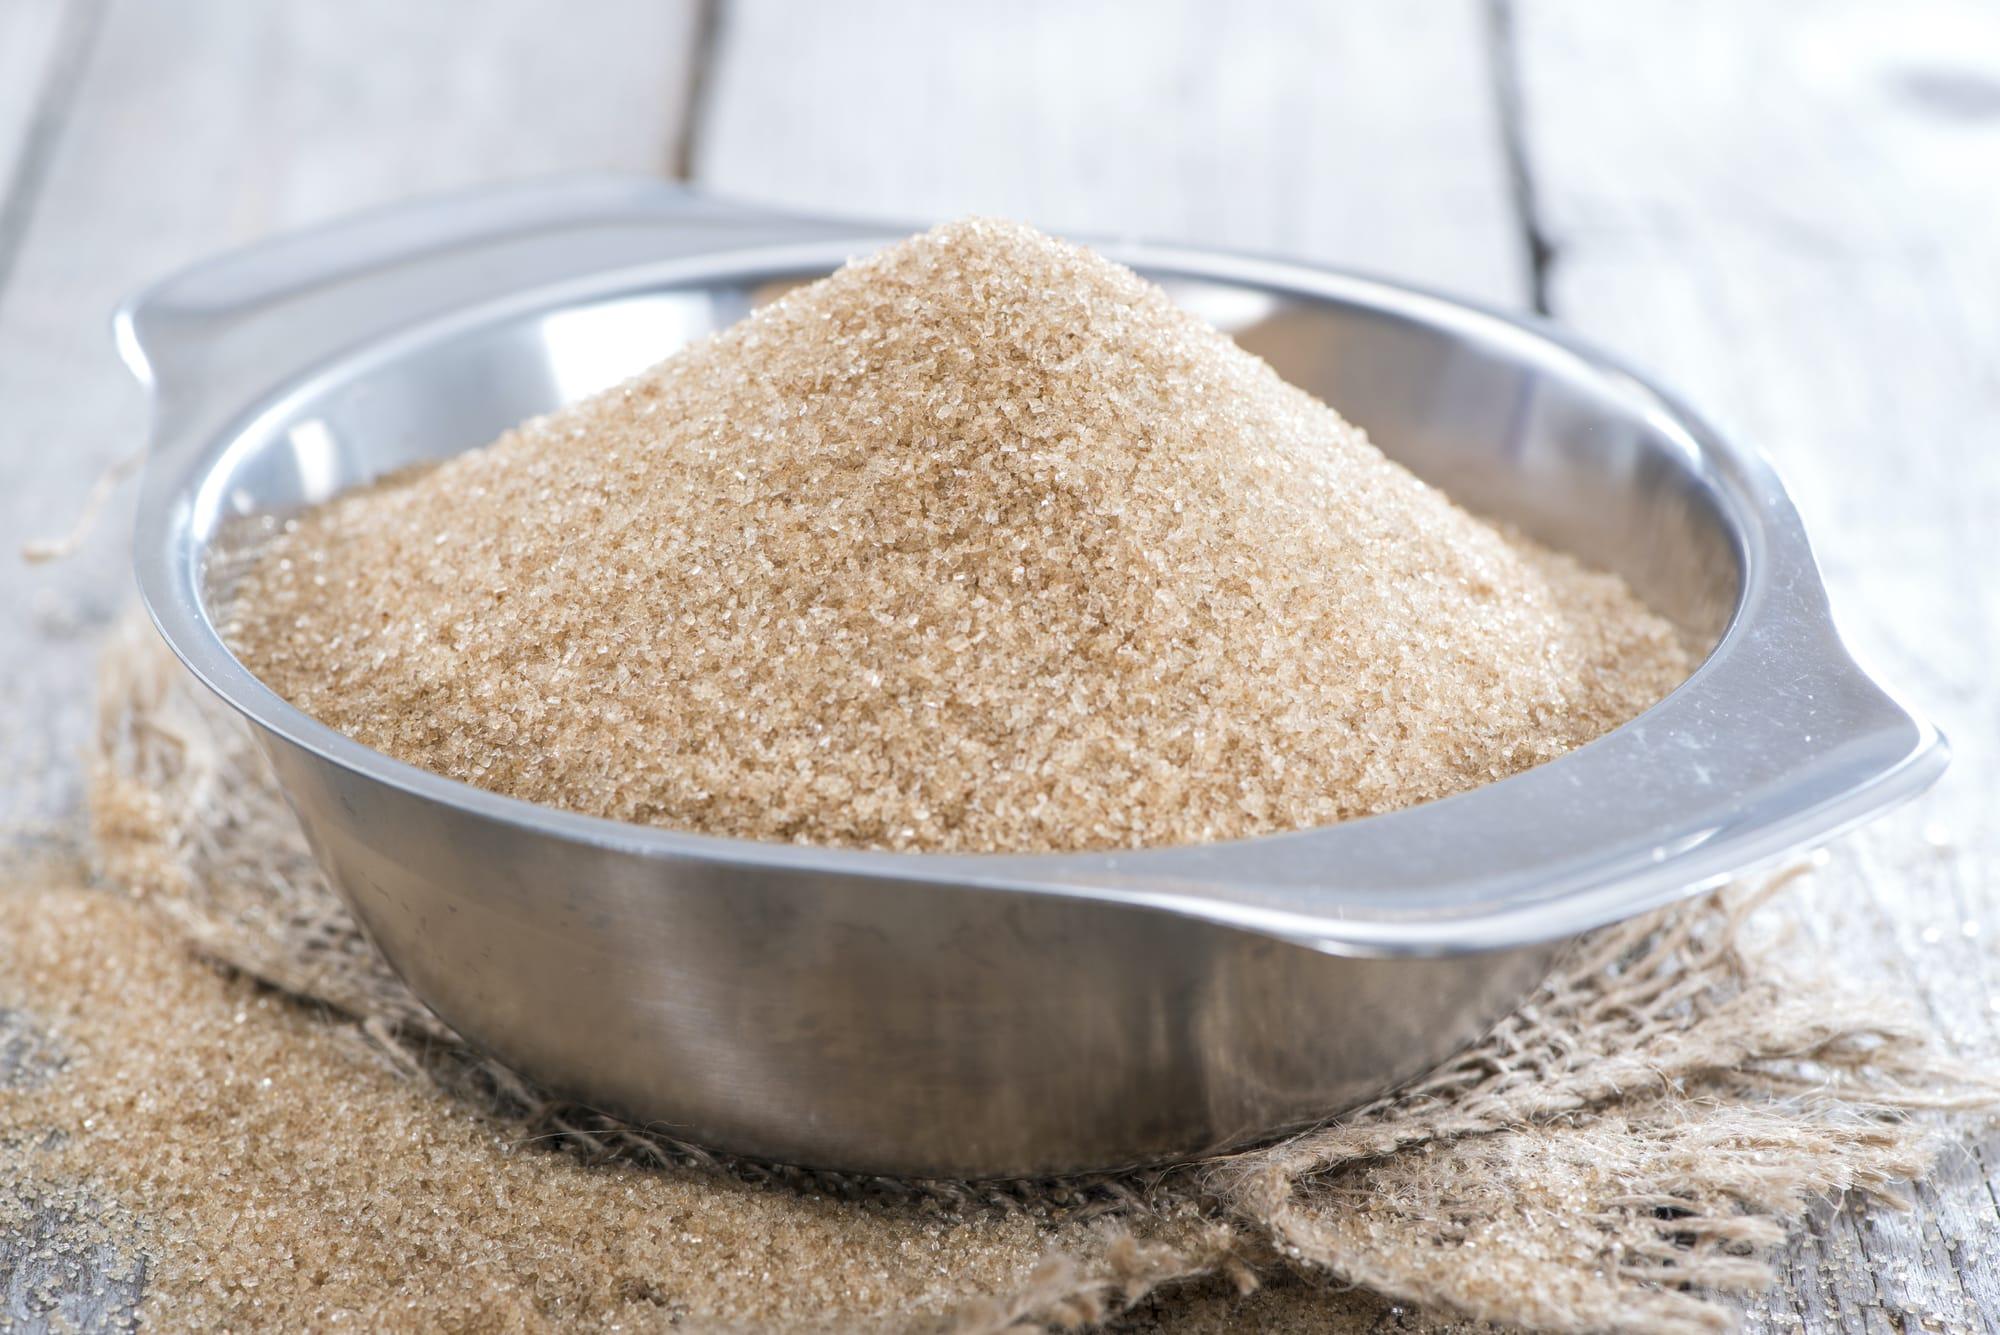 Brownulated sugar